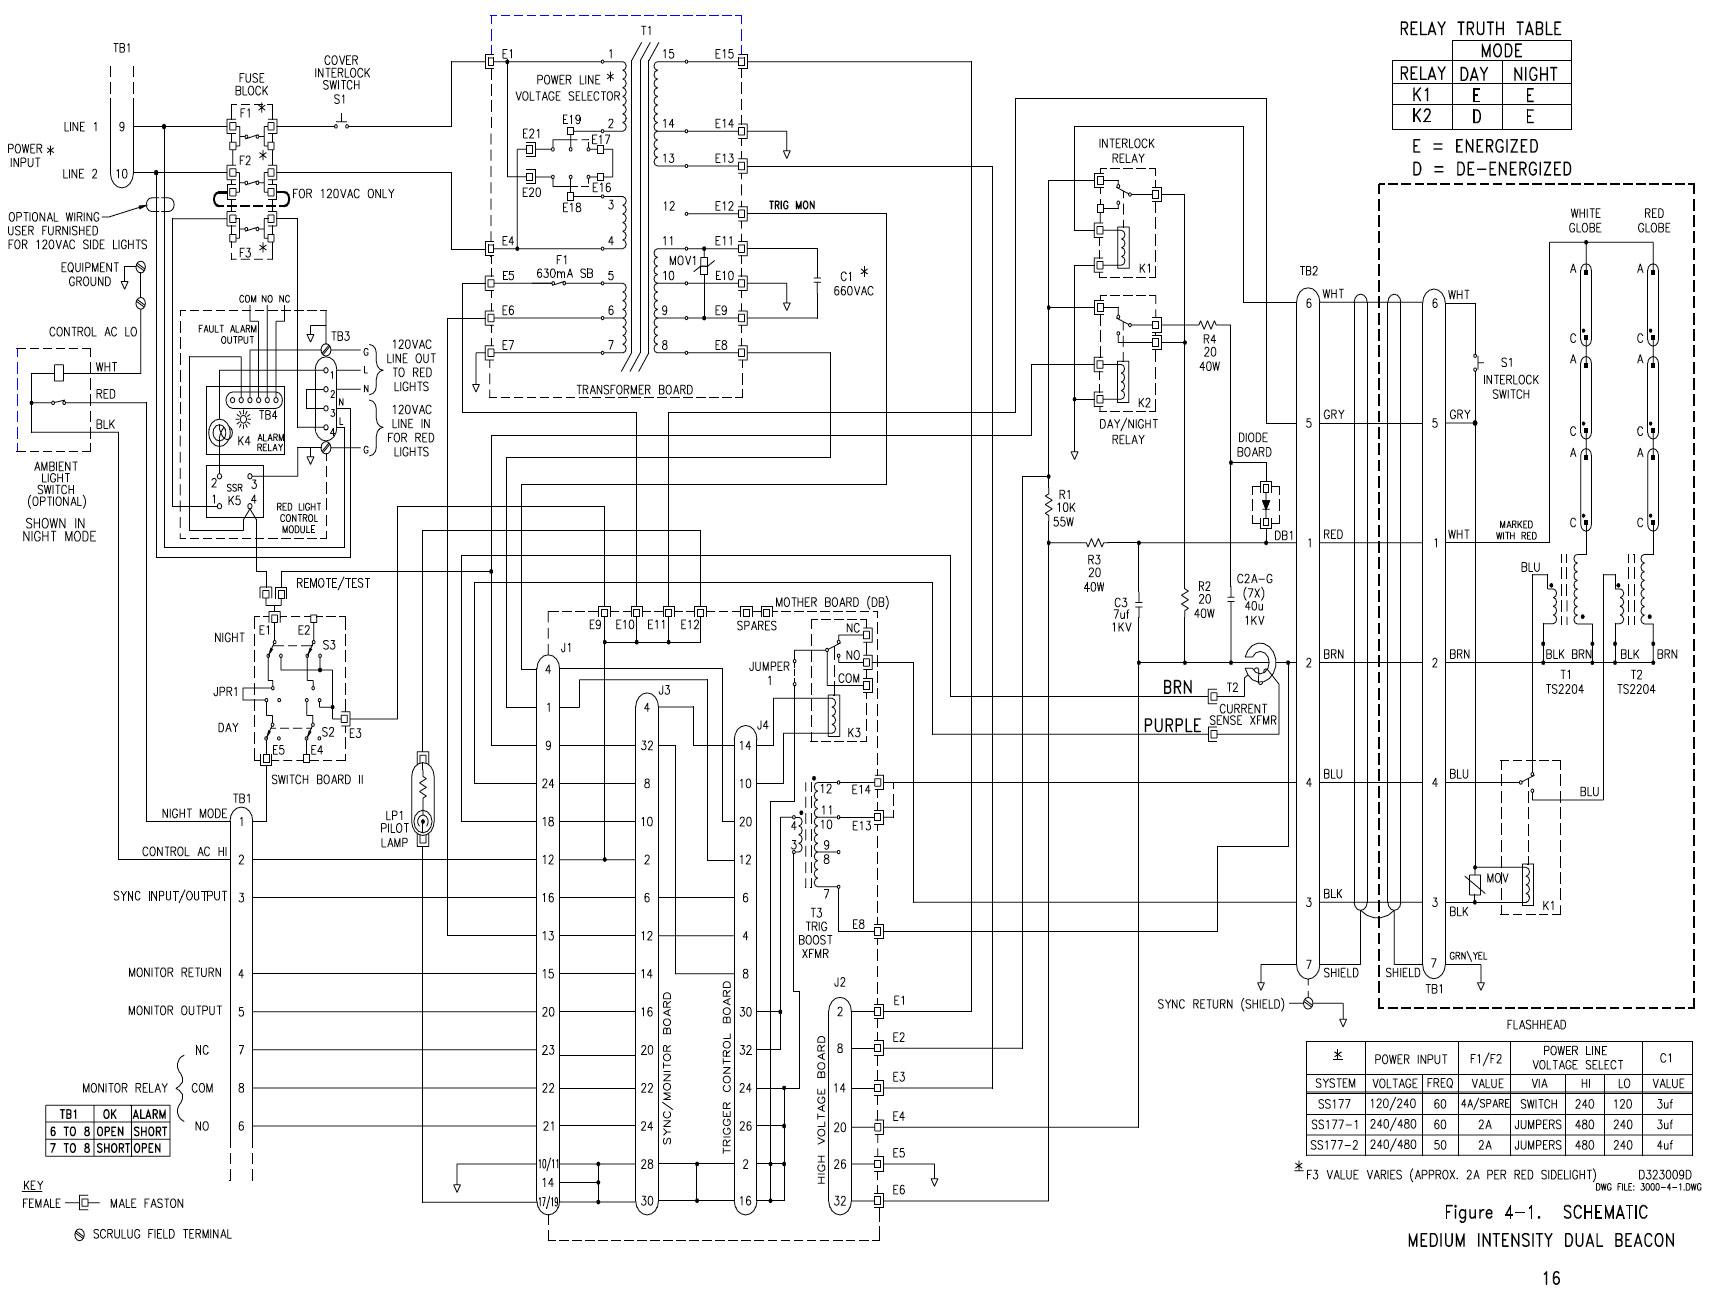 2003 Hyundai Santa Fe Wiring Diagram Pdf 2004 Hyundai